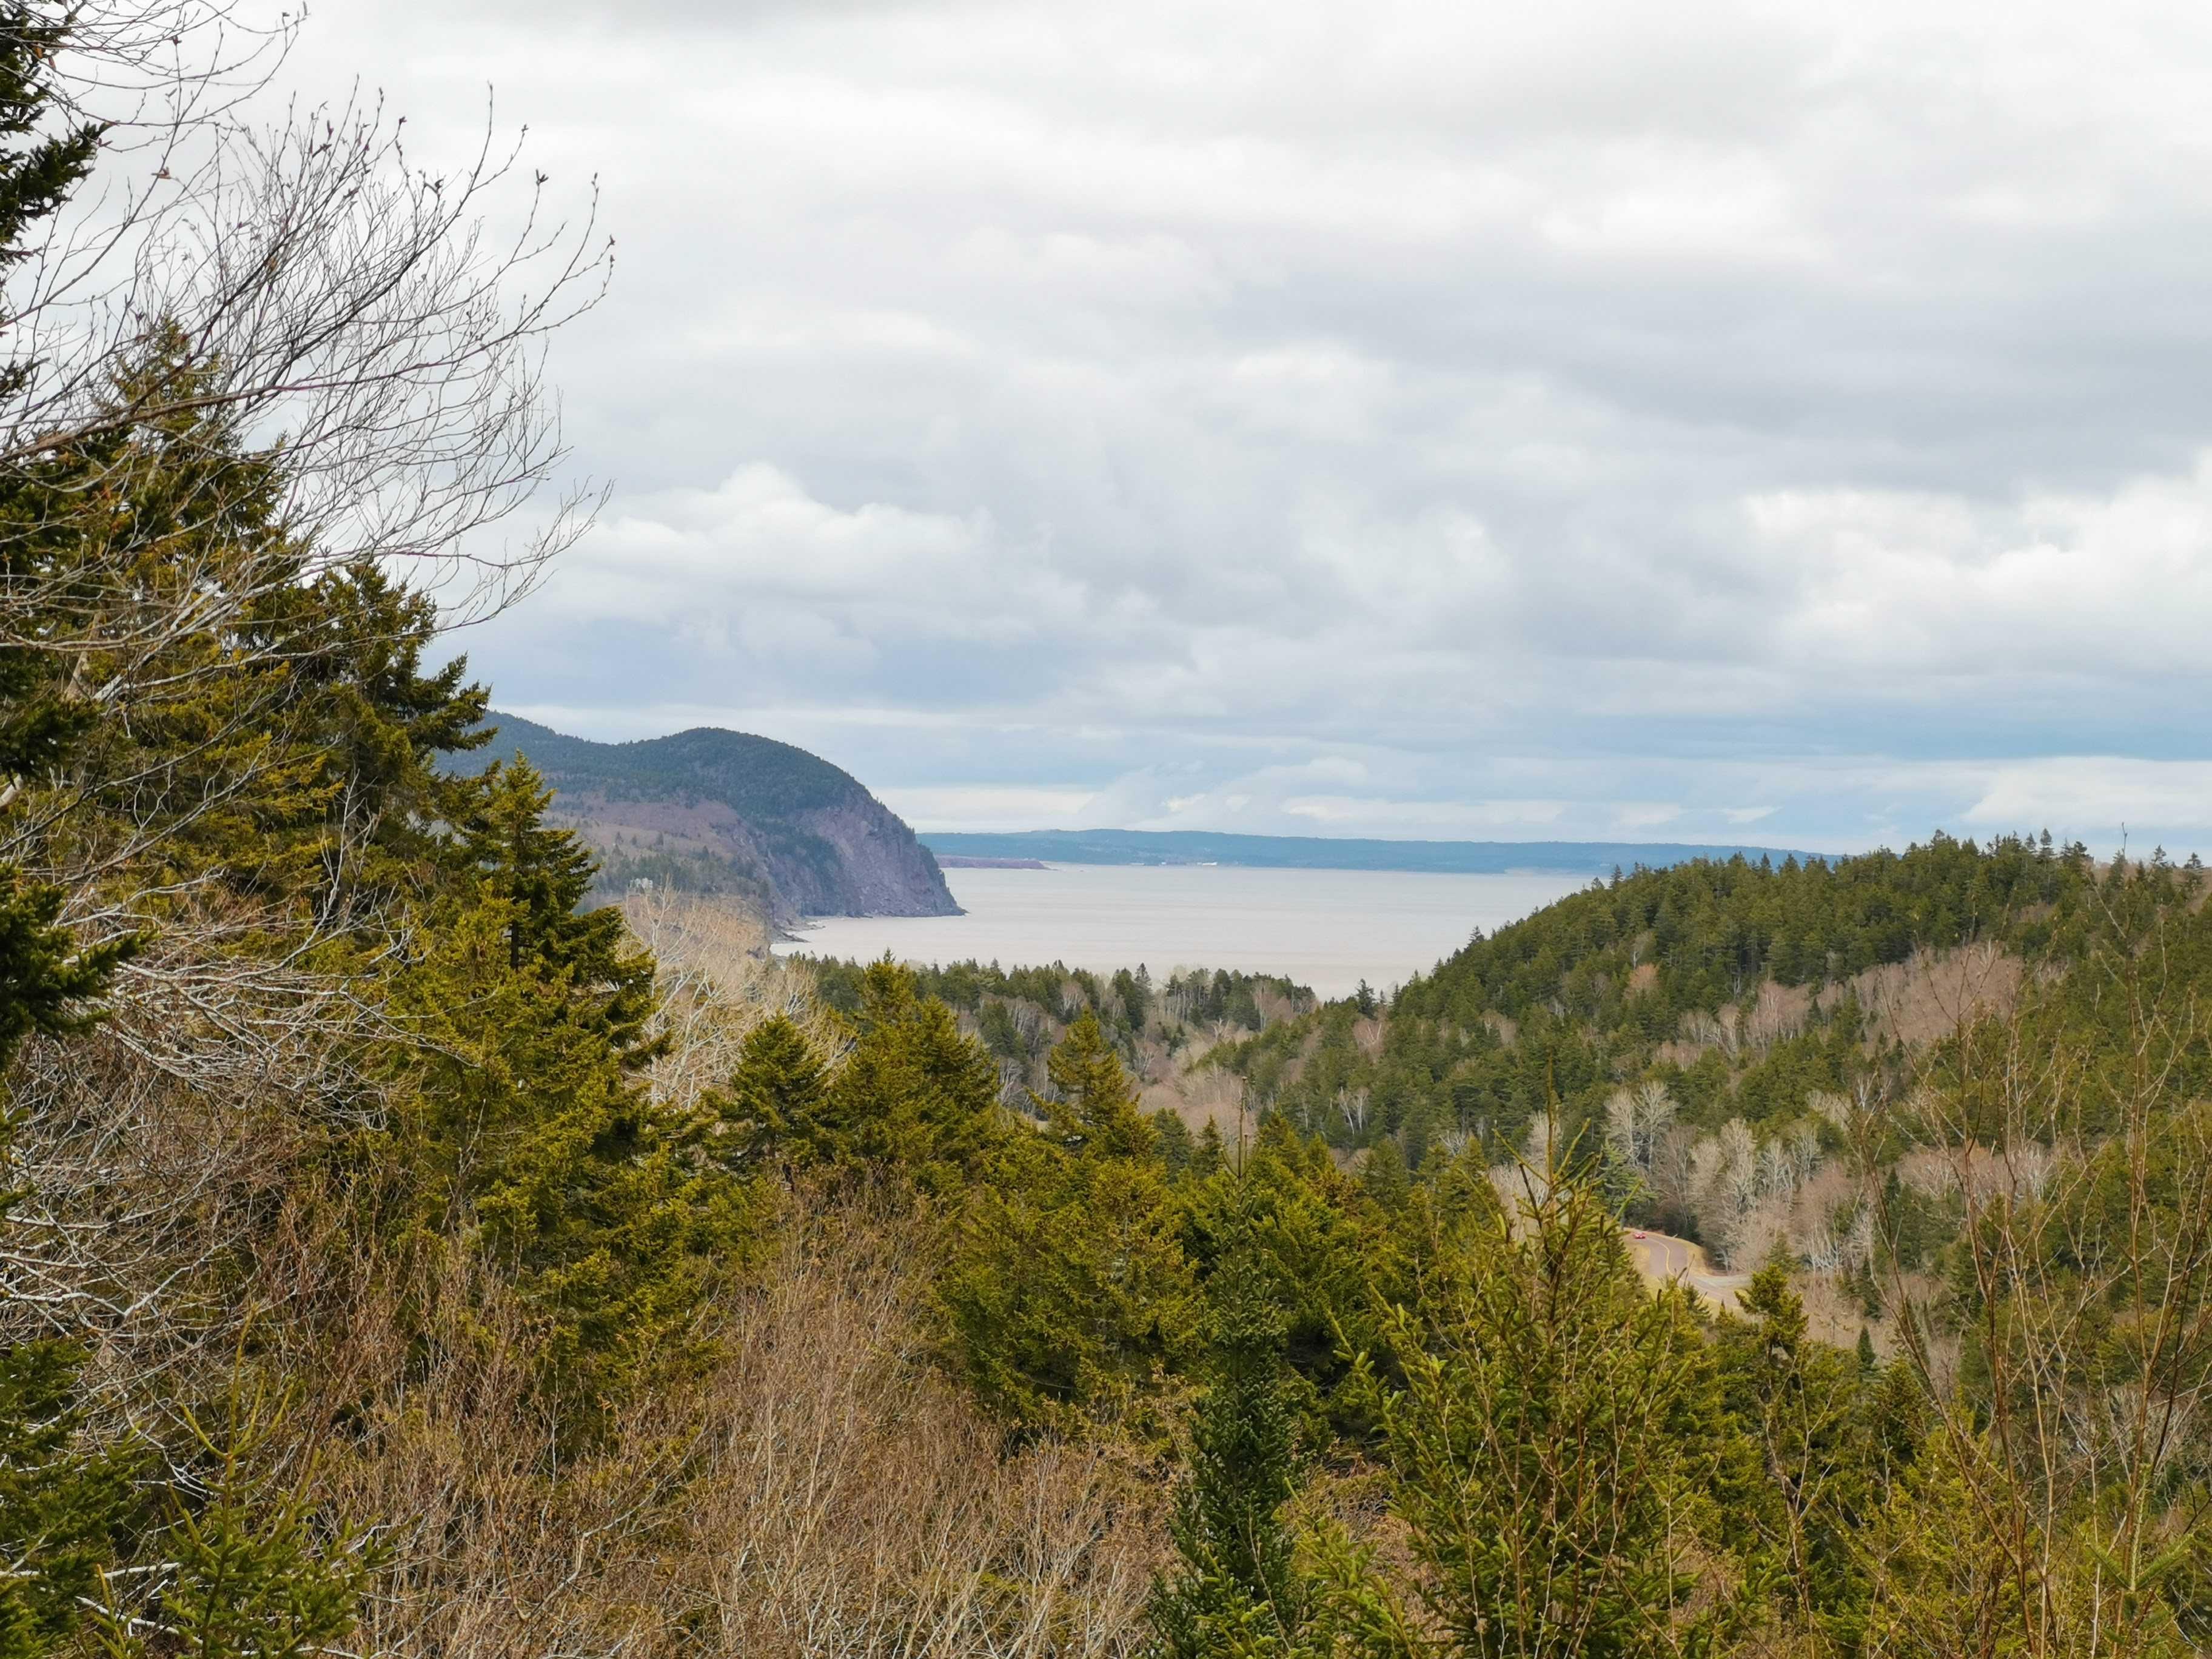 La baie de Fundy : ses marées, son parc national et sa pluie cover image